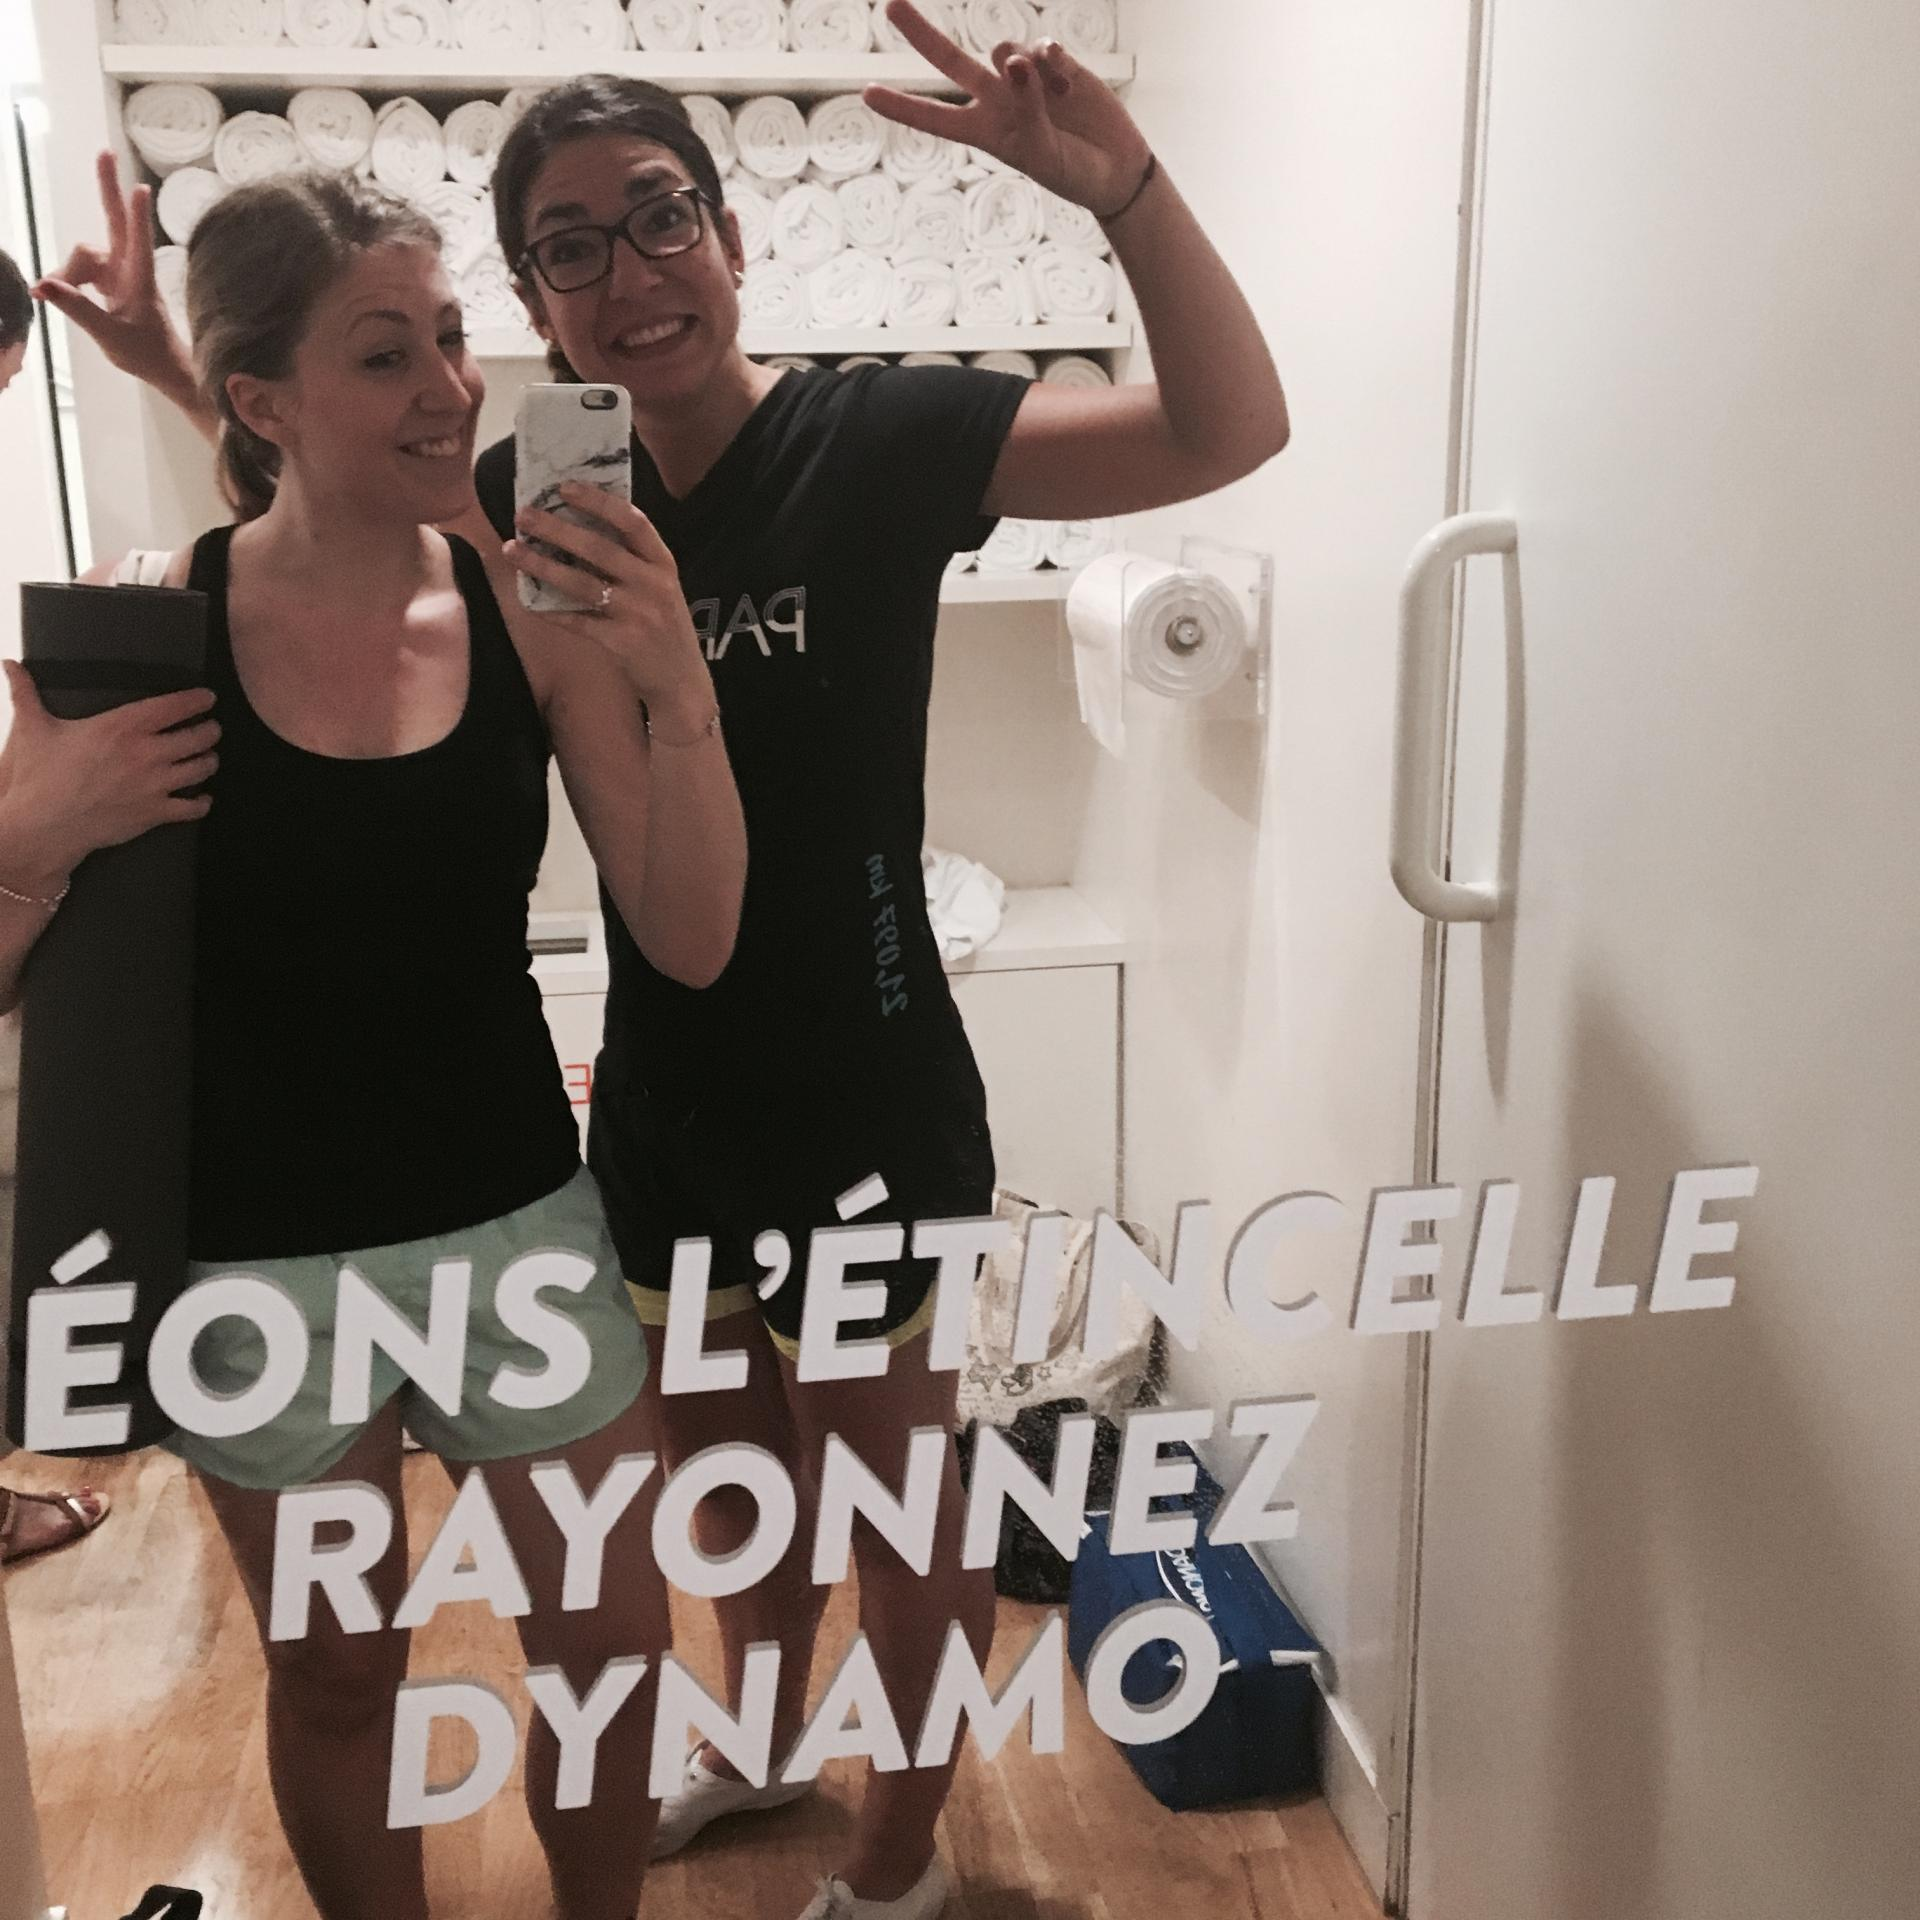 Sharefashion - SportTour, j'ai testé les salles de sport à Paris - Dynamo